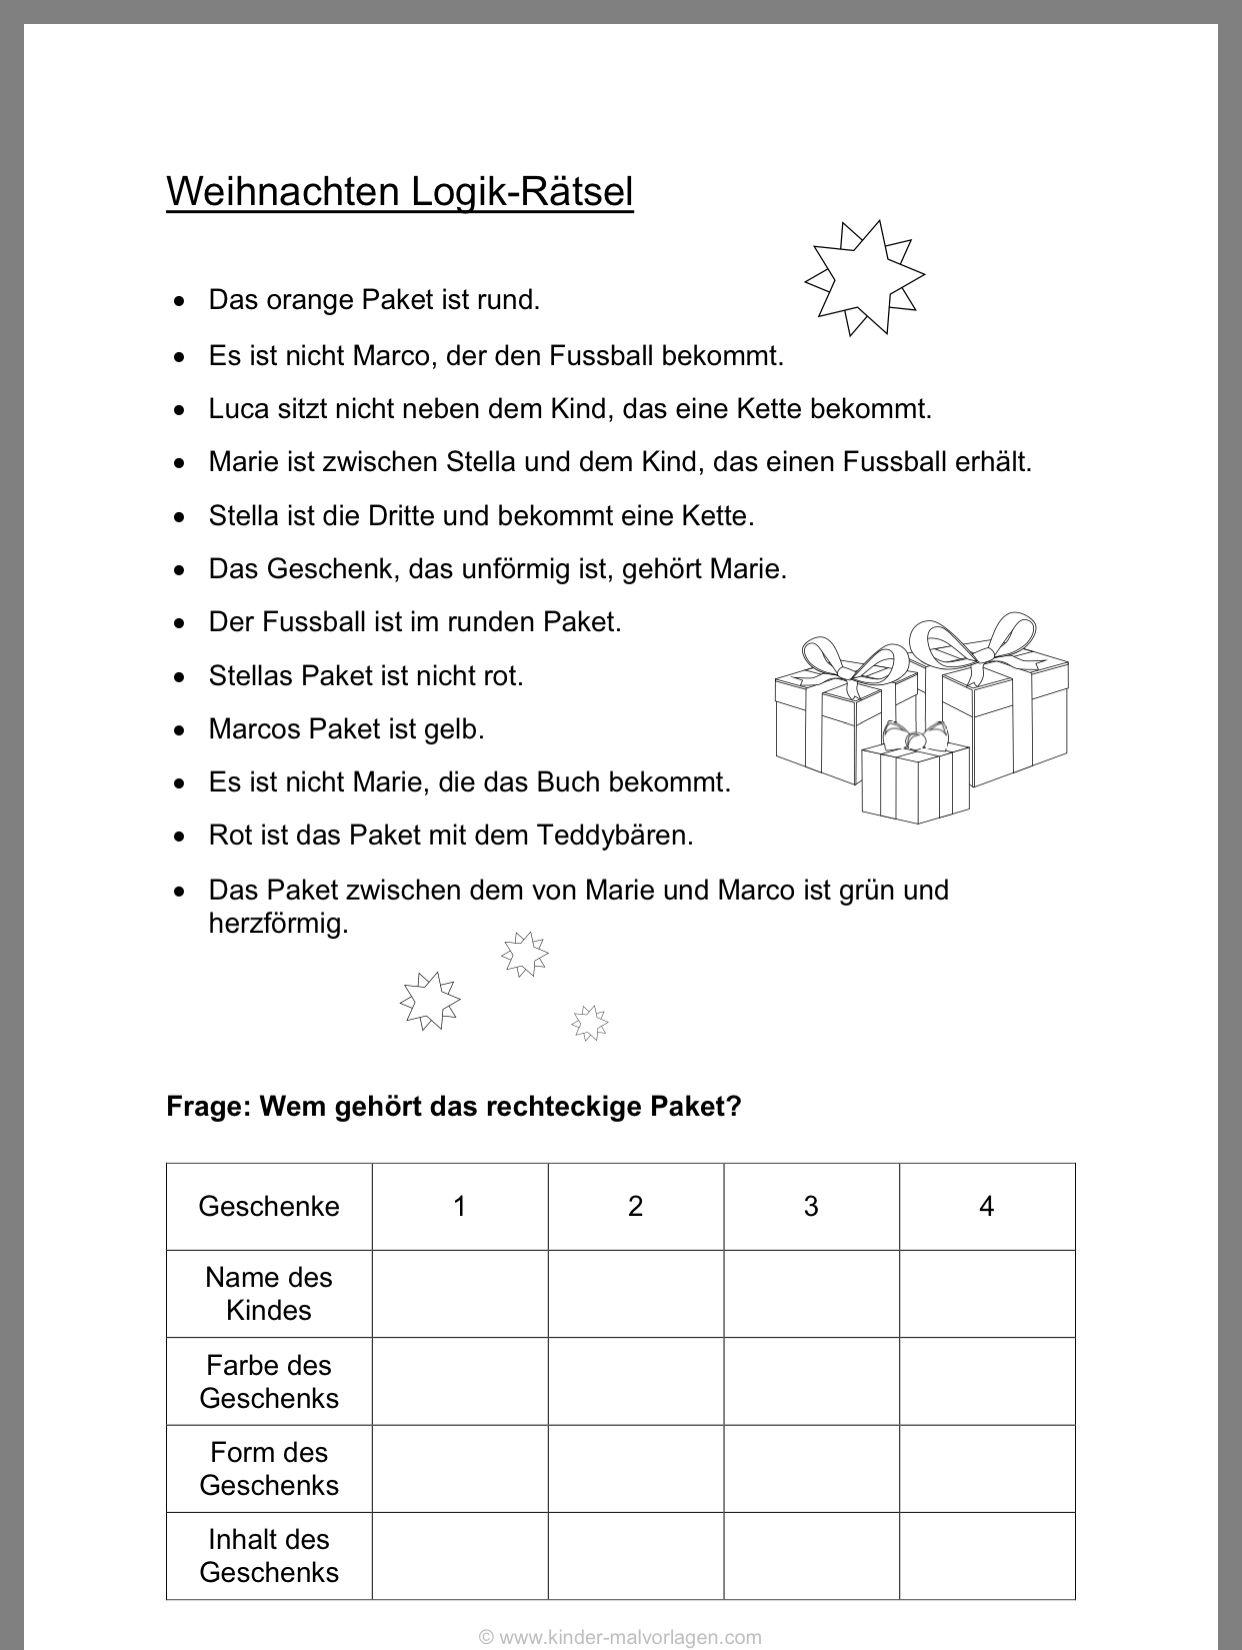 Pin Von Annette Lenz Auf Anais | Weihnachtsrätsel Für Kinder in Adventskalender Rätsel Zum Ausdrucken